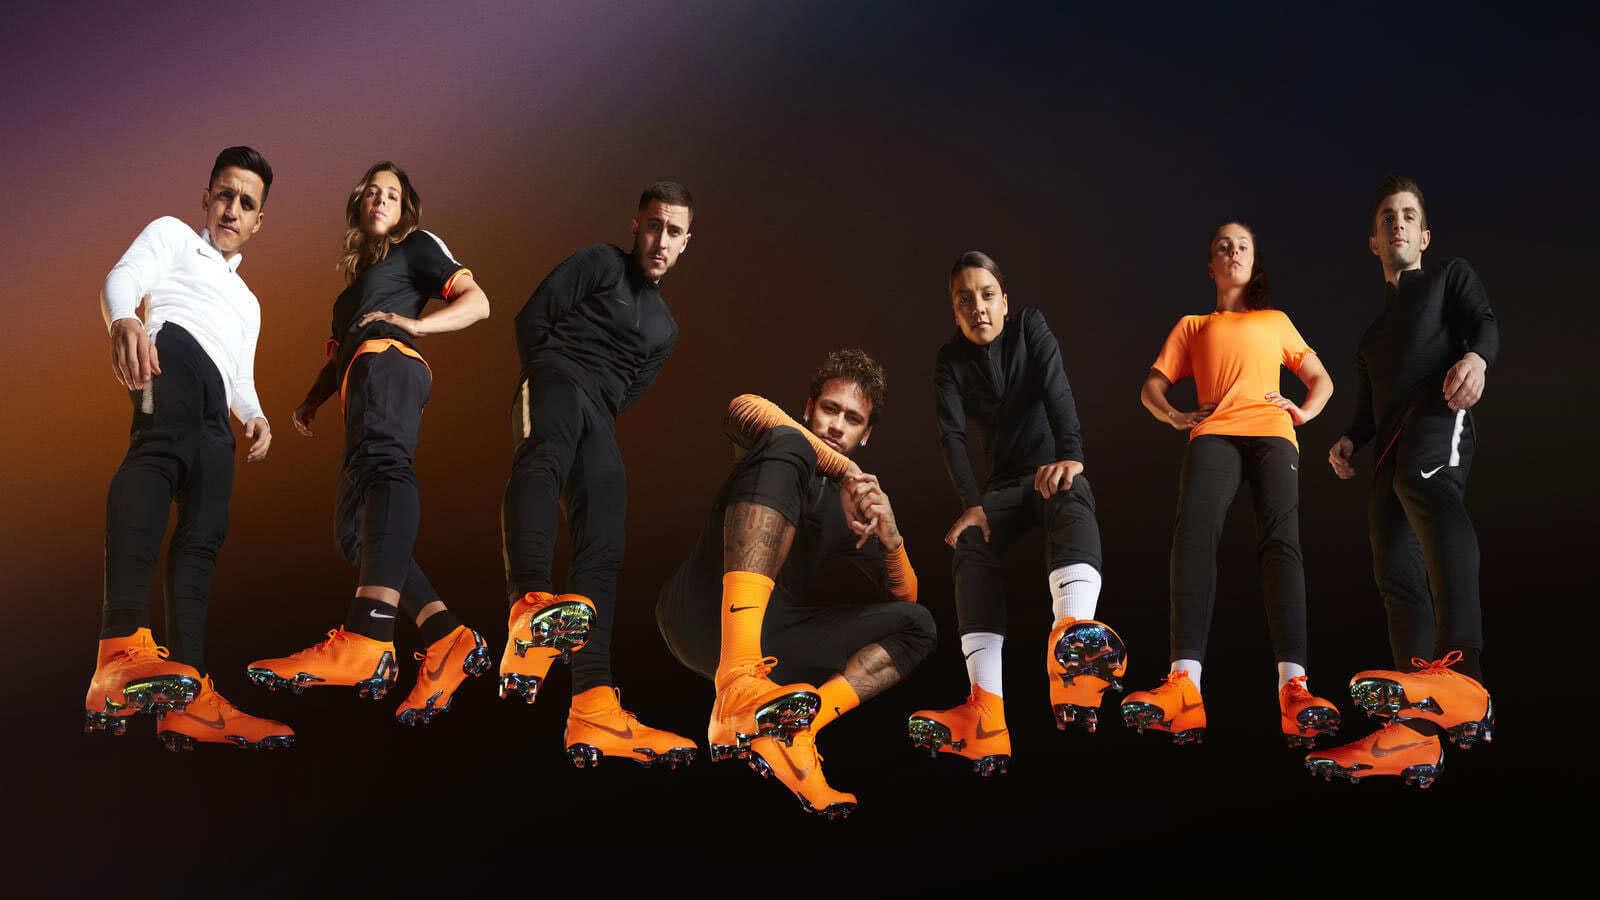 Wer spielt Nike Mercurial Superfly VI Elite und wer Vapor XII?